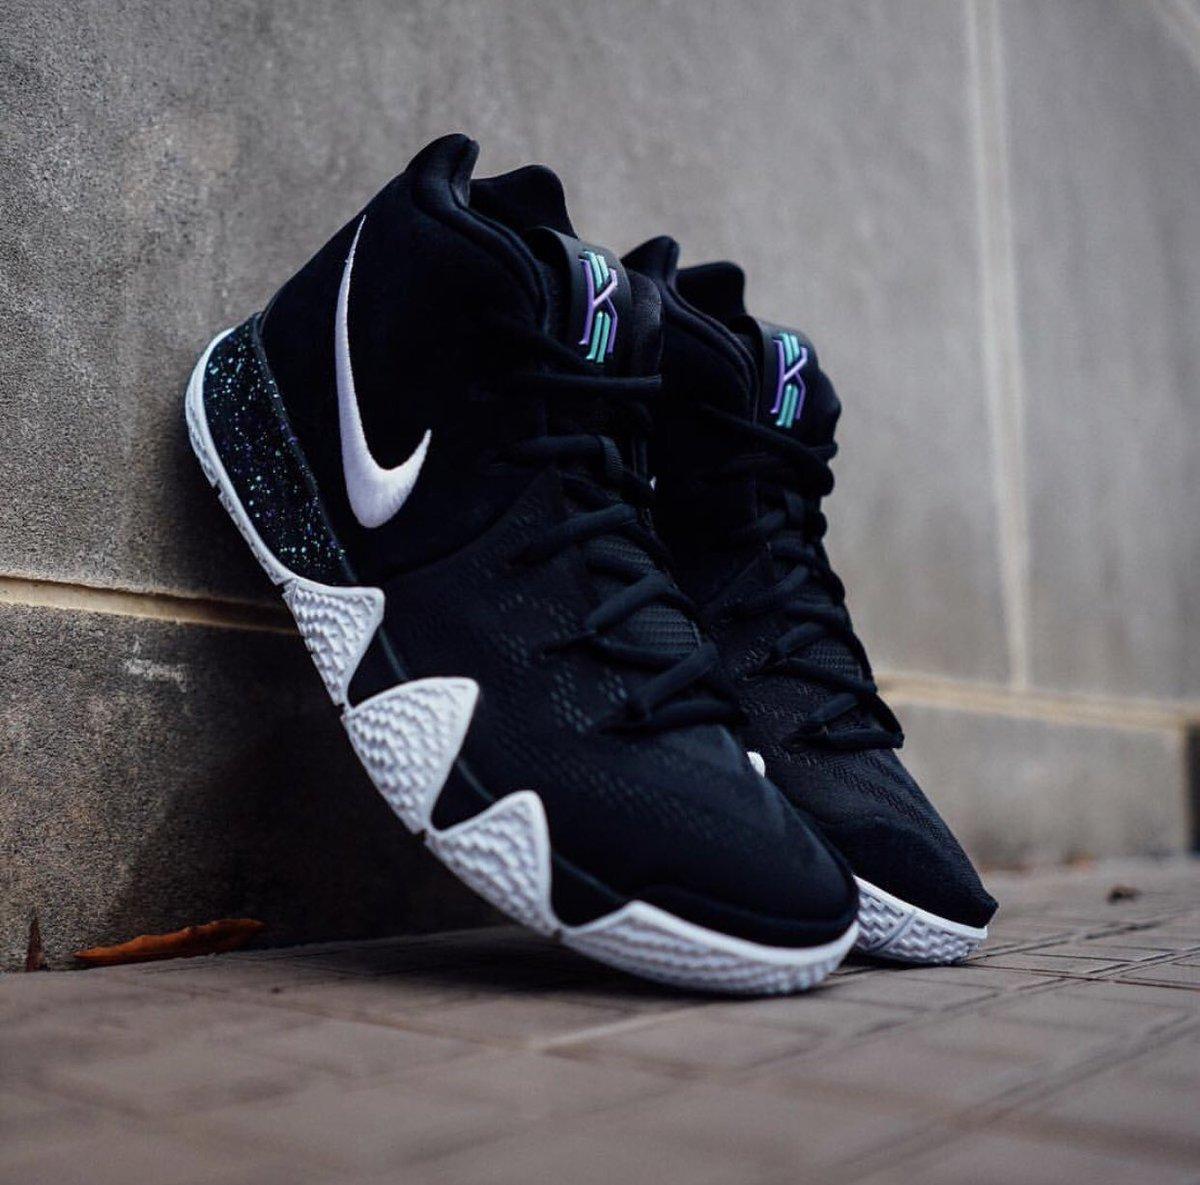 best sneakers 3b61e 66233 SOLE LINKS on Twitter